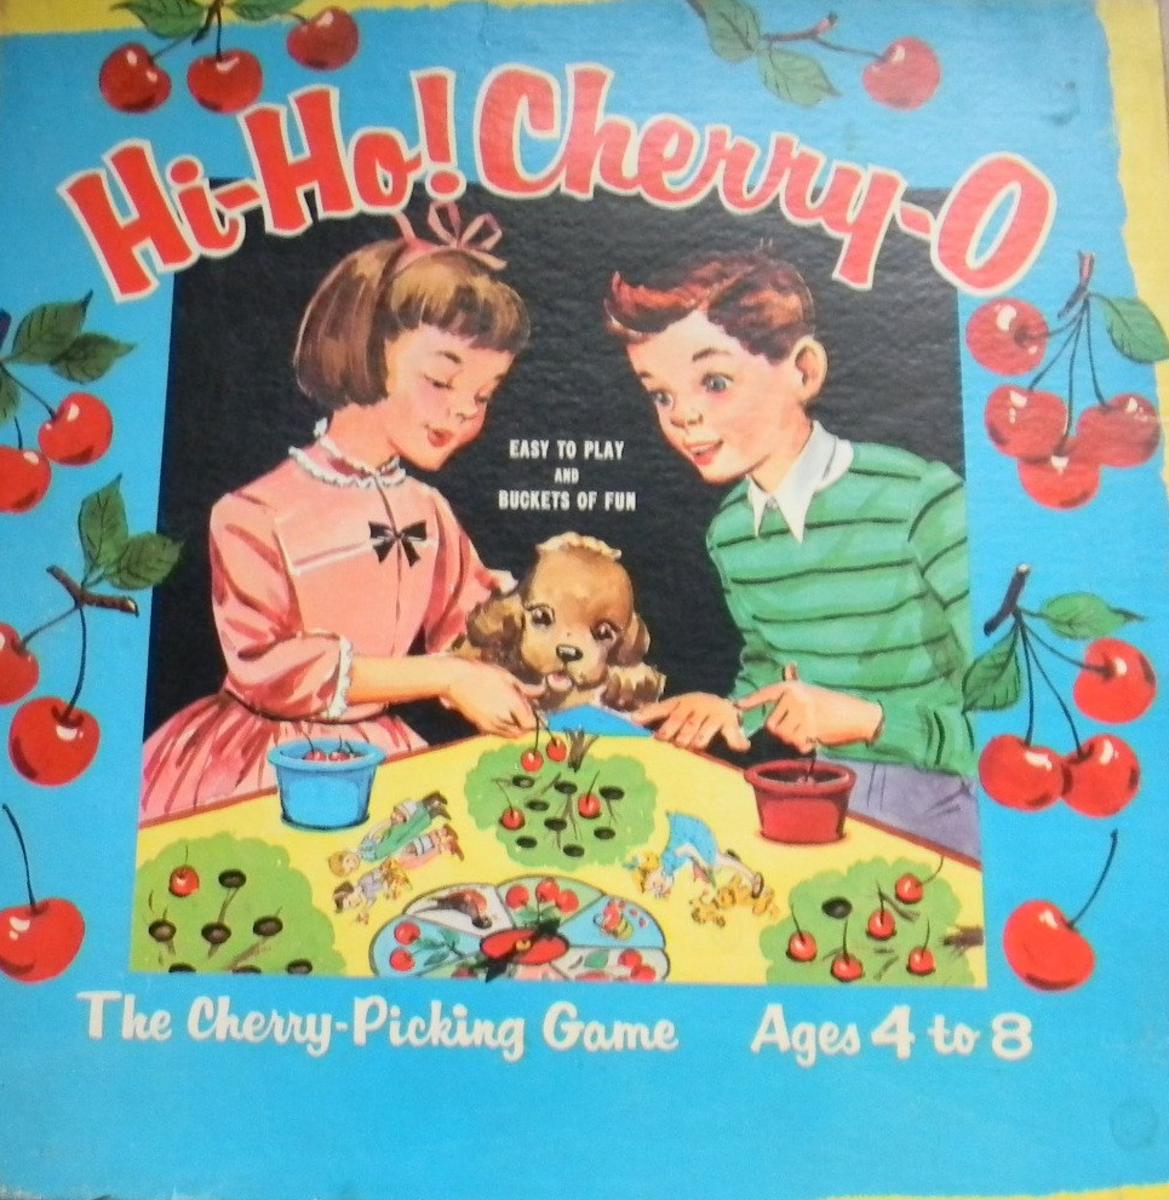 The Hi-Ho! Cherry-O box.